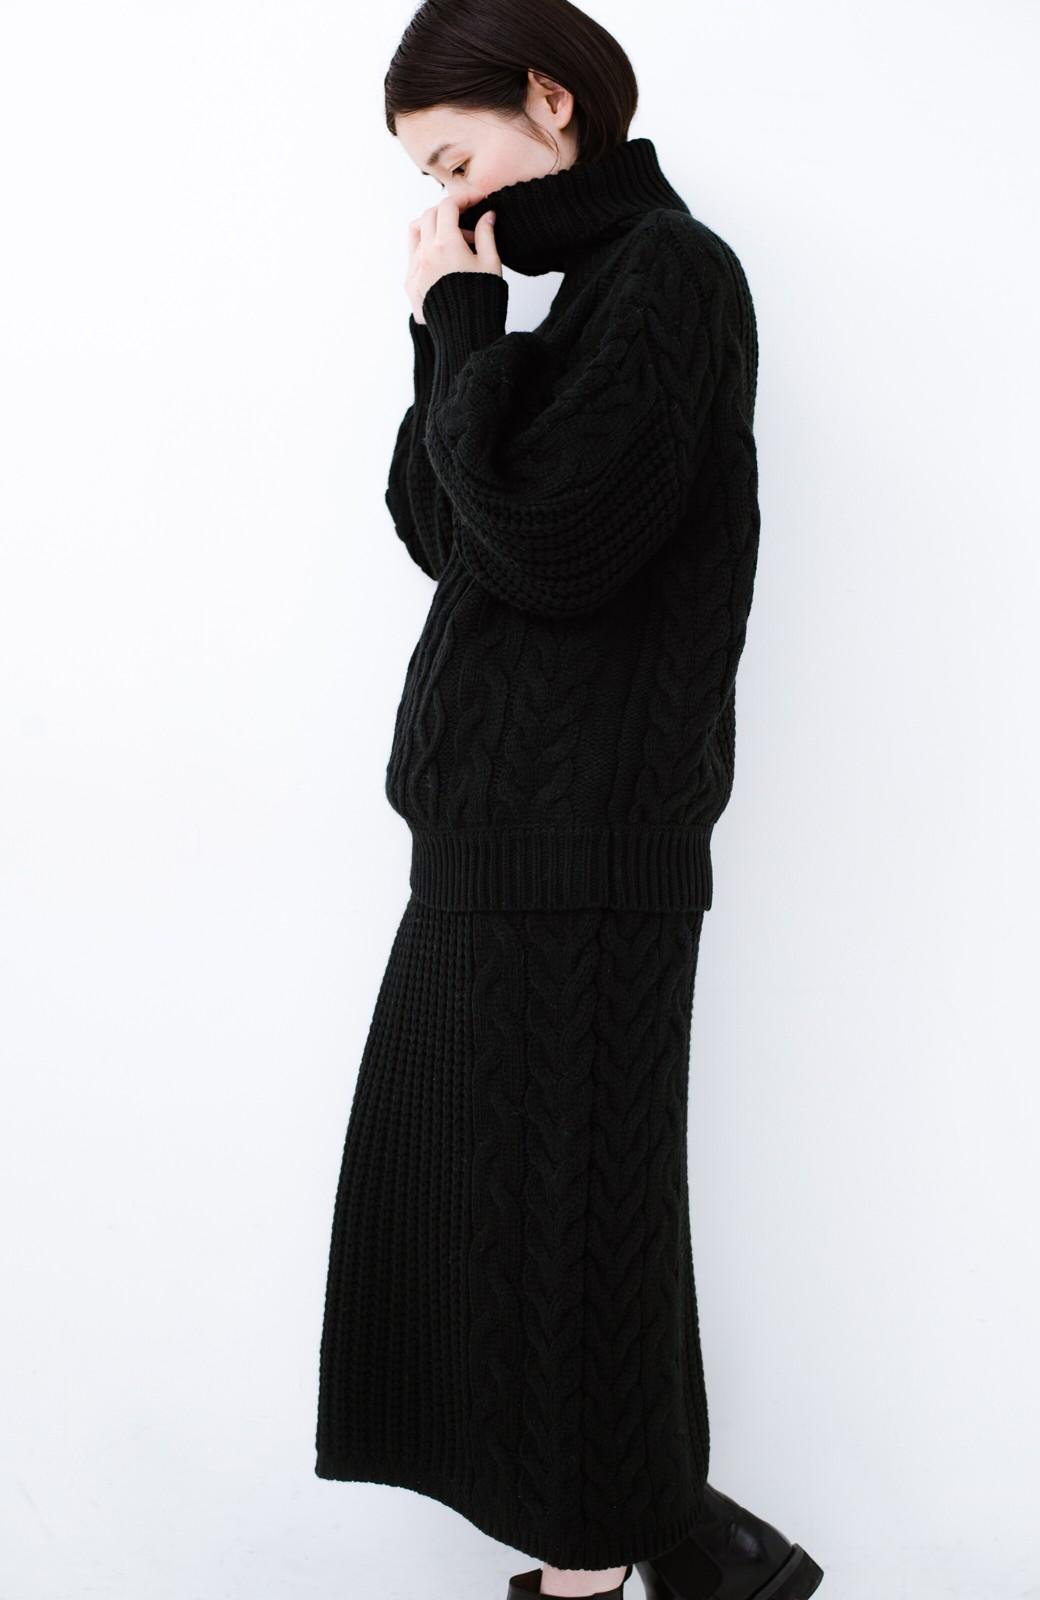 haco! 着るだけで完成するケーブル編みニットセットアップ <ブラック>の商品写真17